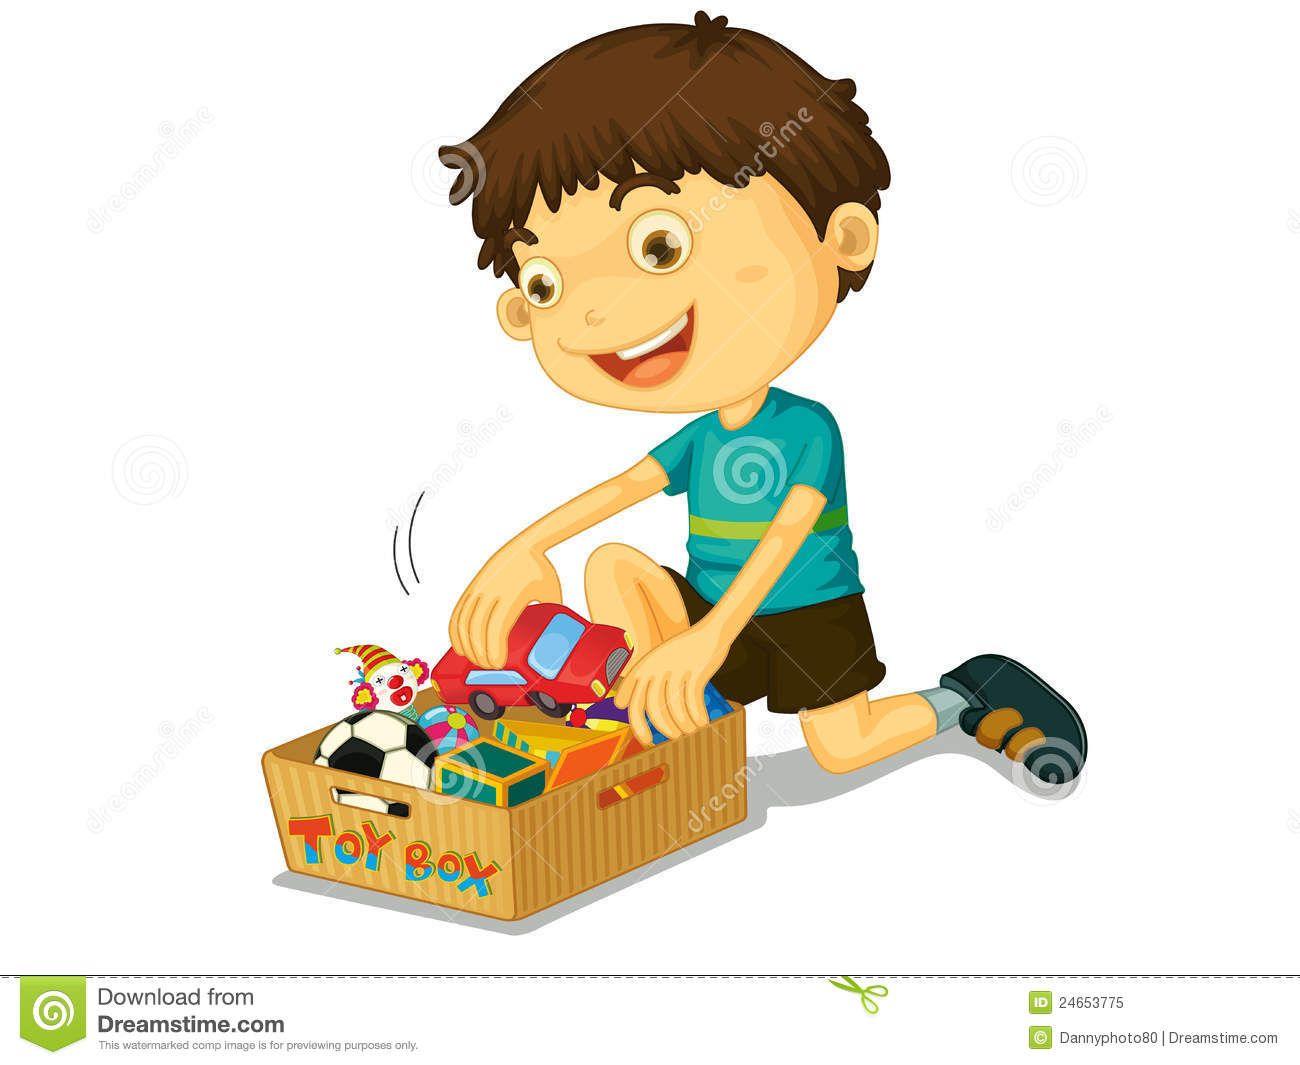 Boy picking up toys